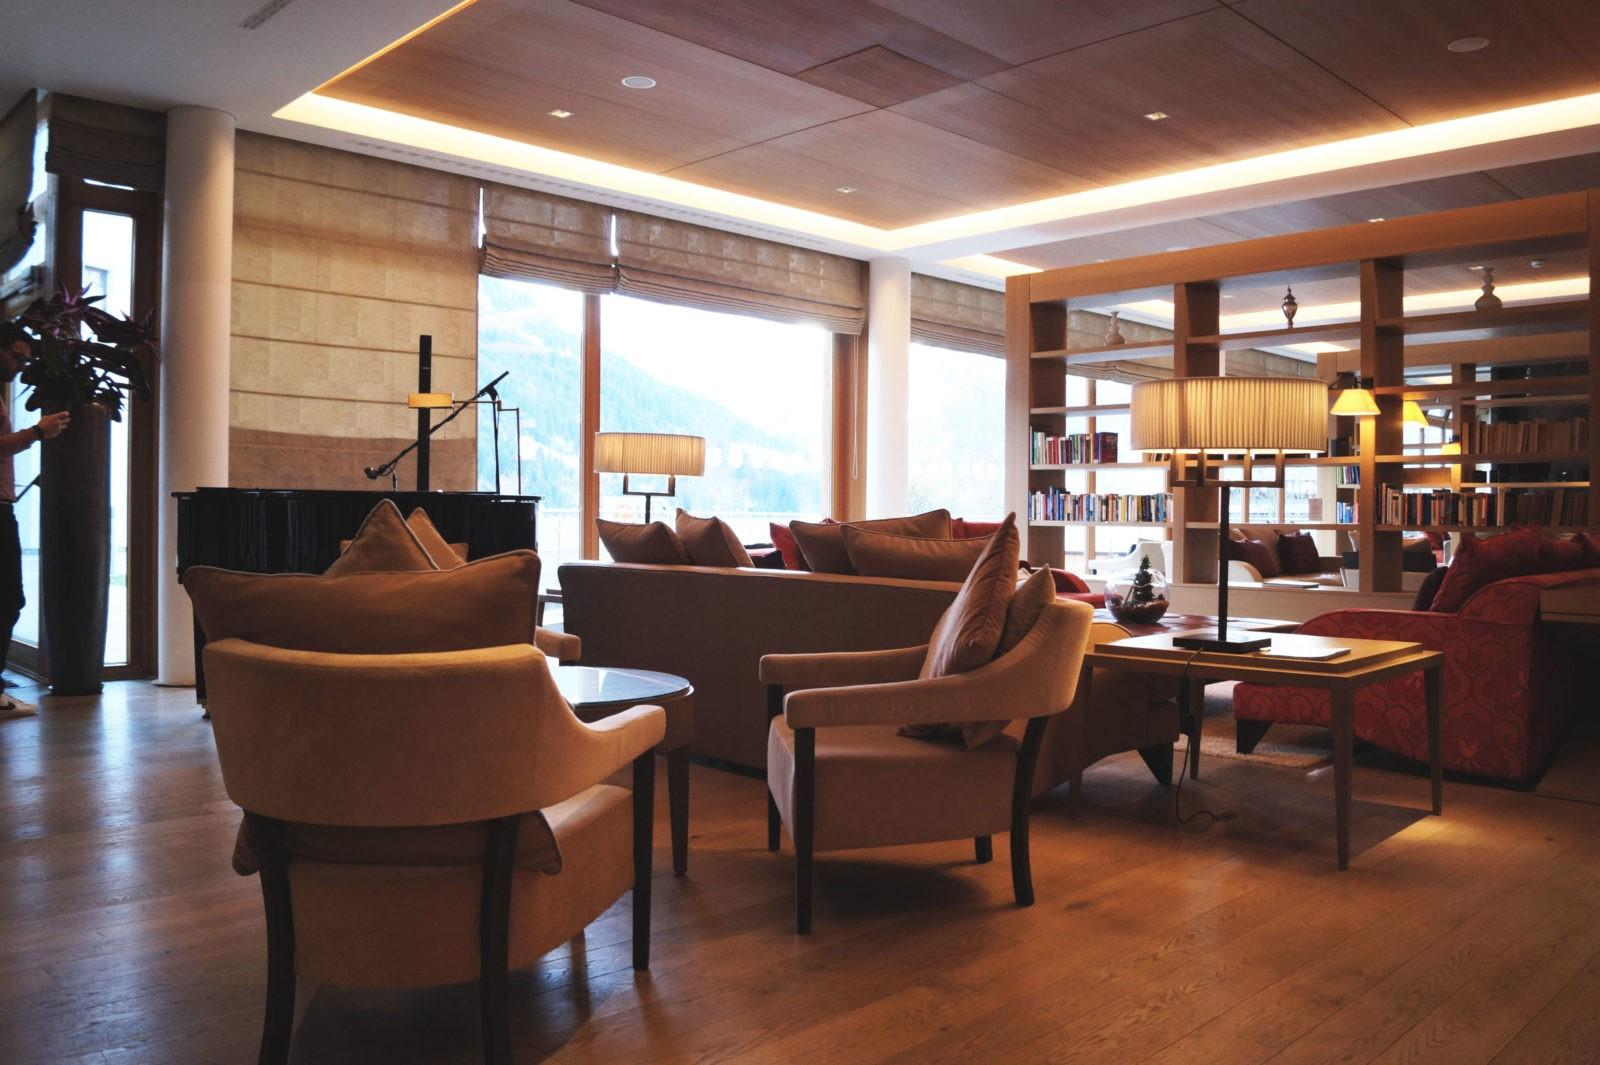 Hotel Review Travel Charme Ifen Hotel Kleinwalsertal Austria Österreich Hotelbewertung Lobby